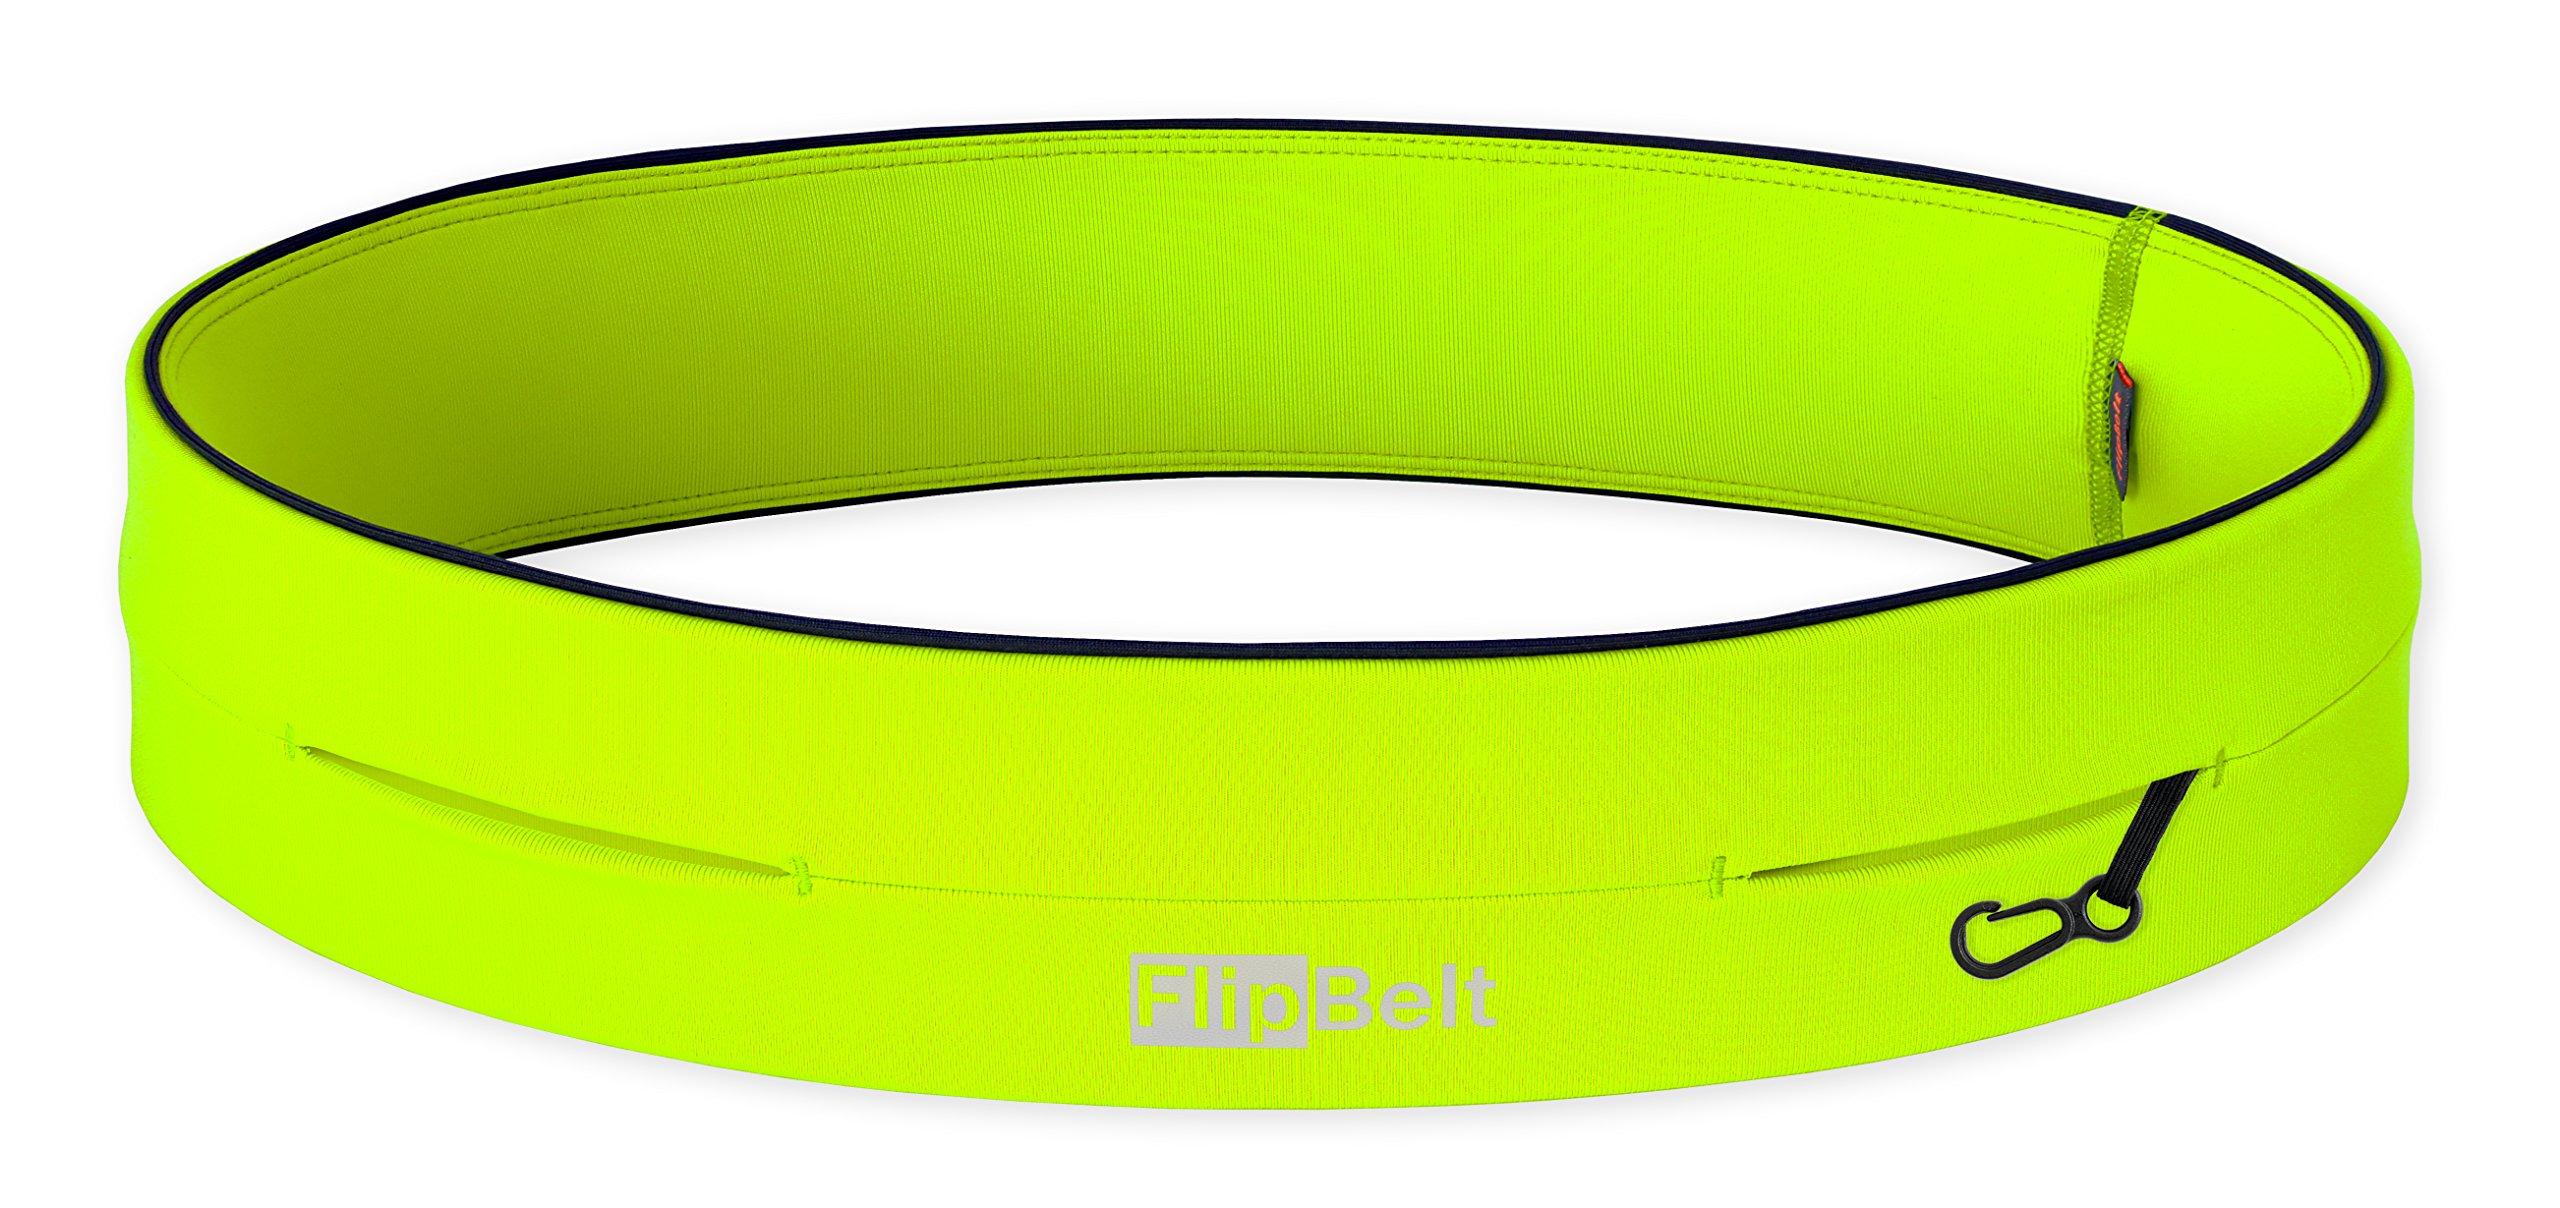 FlipBelt Level Terrain Waist Pouch, Neon Yellow, Large/32-35 by FlipBelt